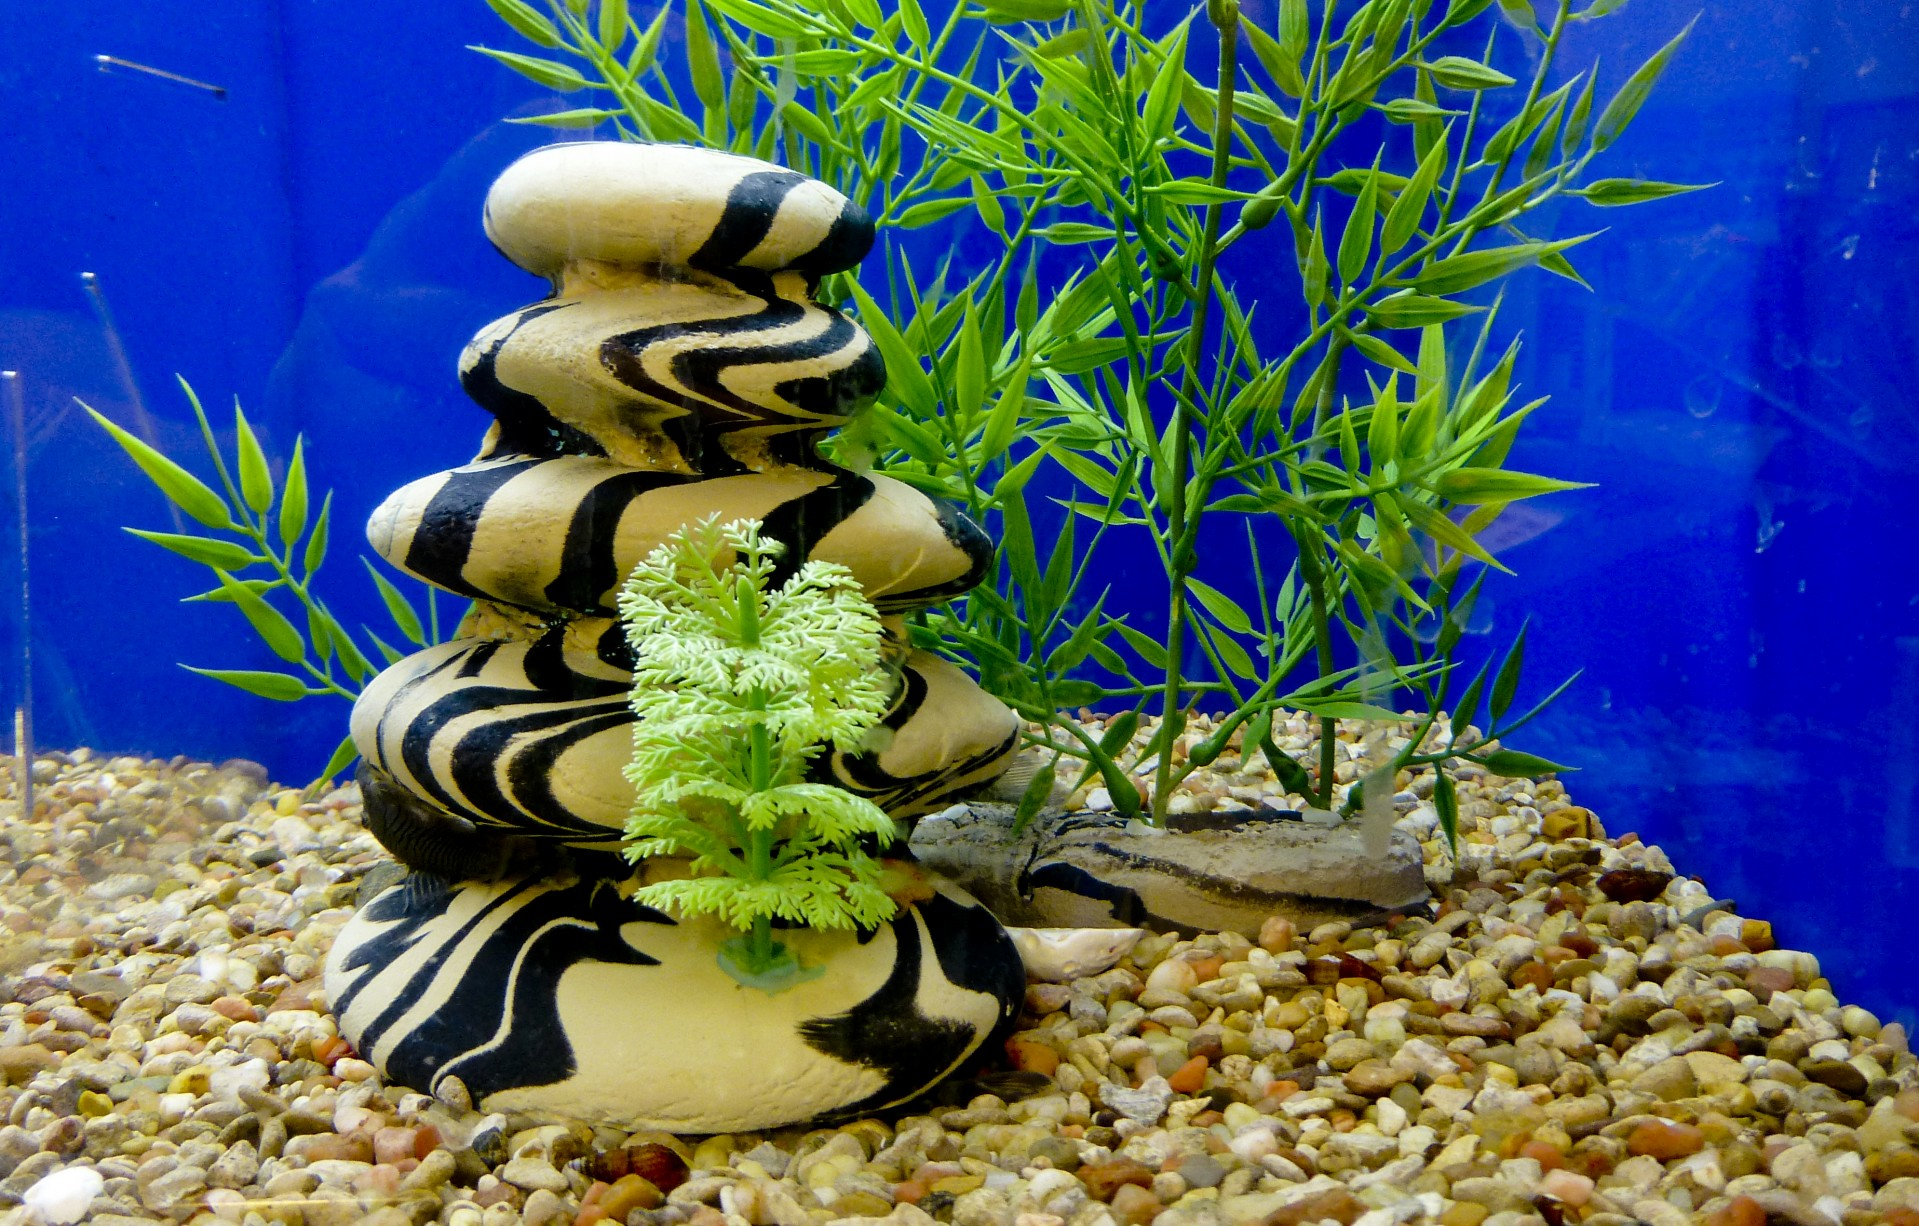 Måling av vannkvalitet i et akvarium